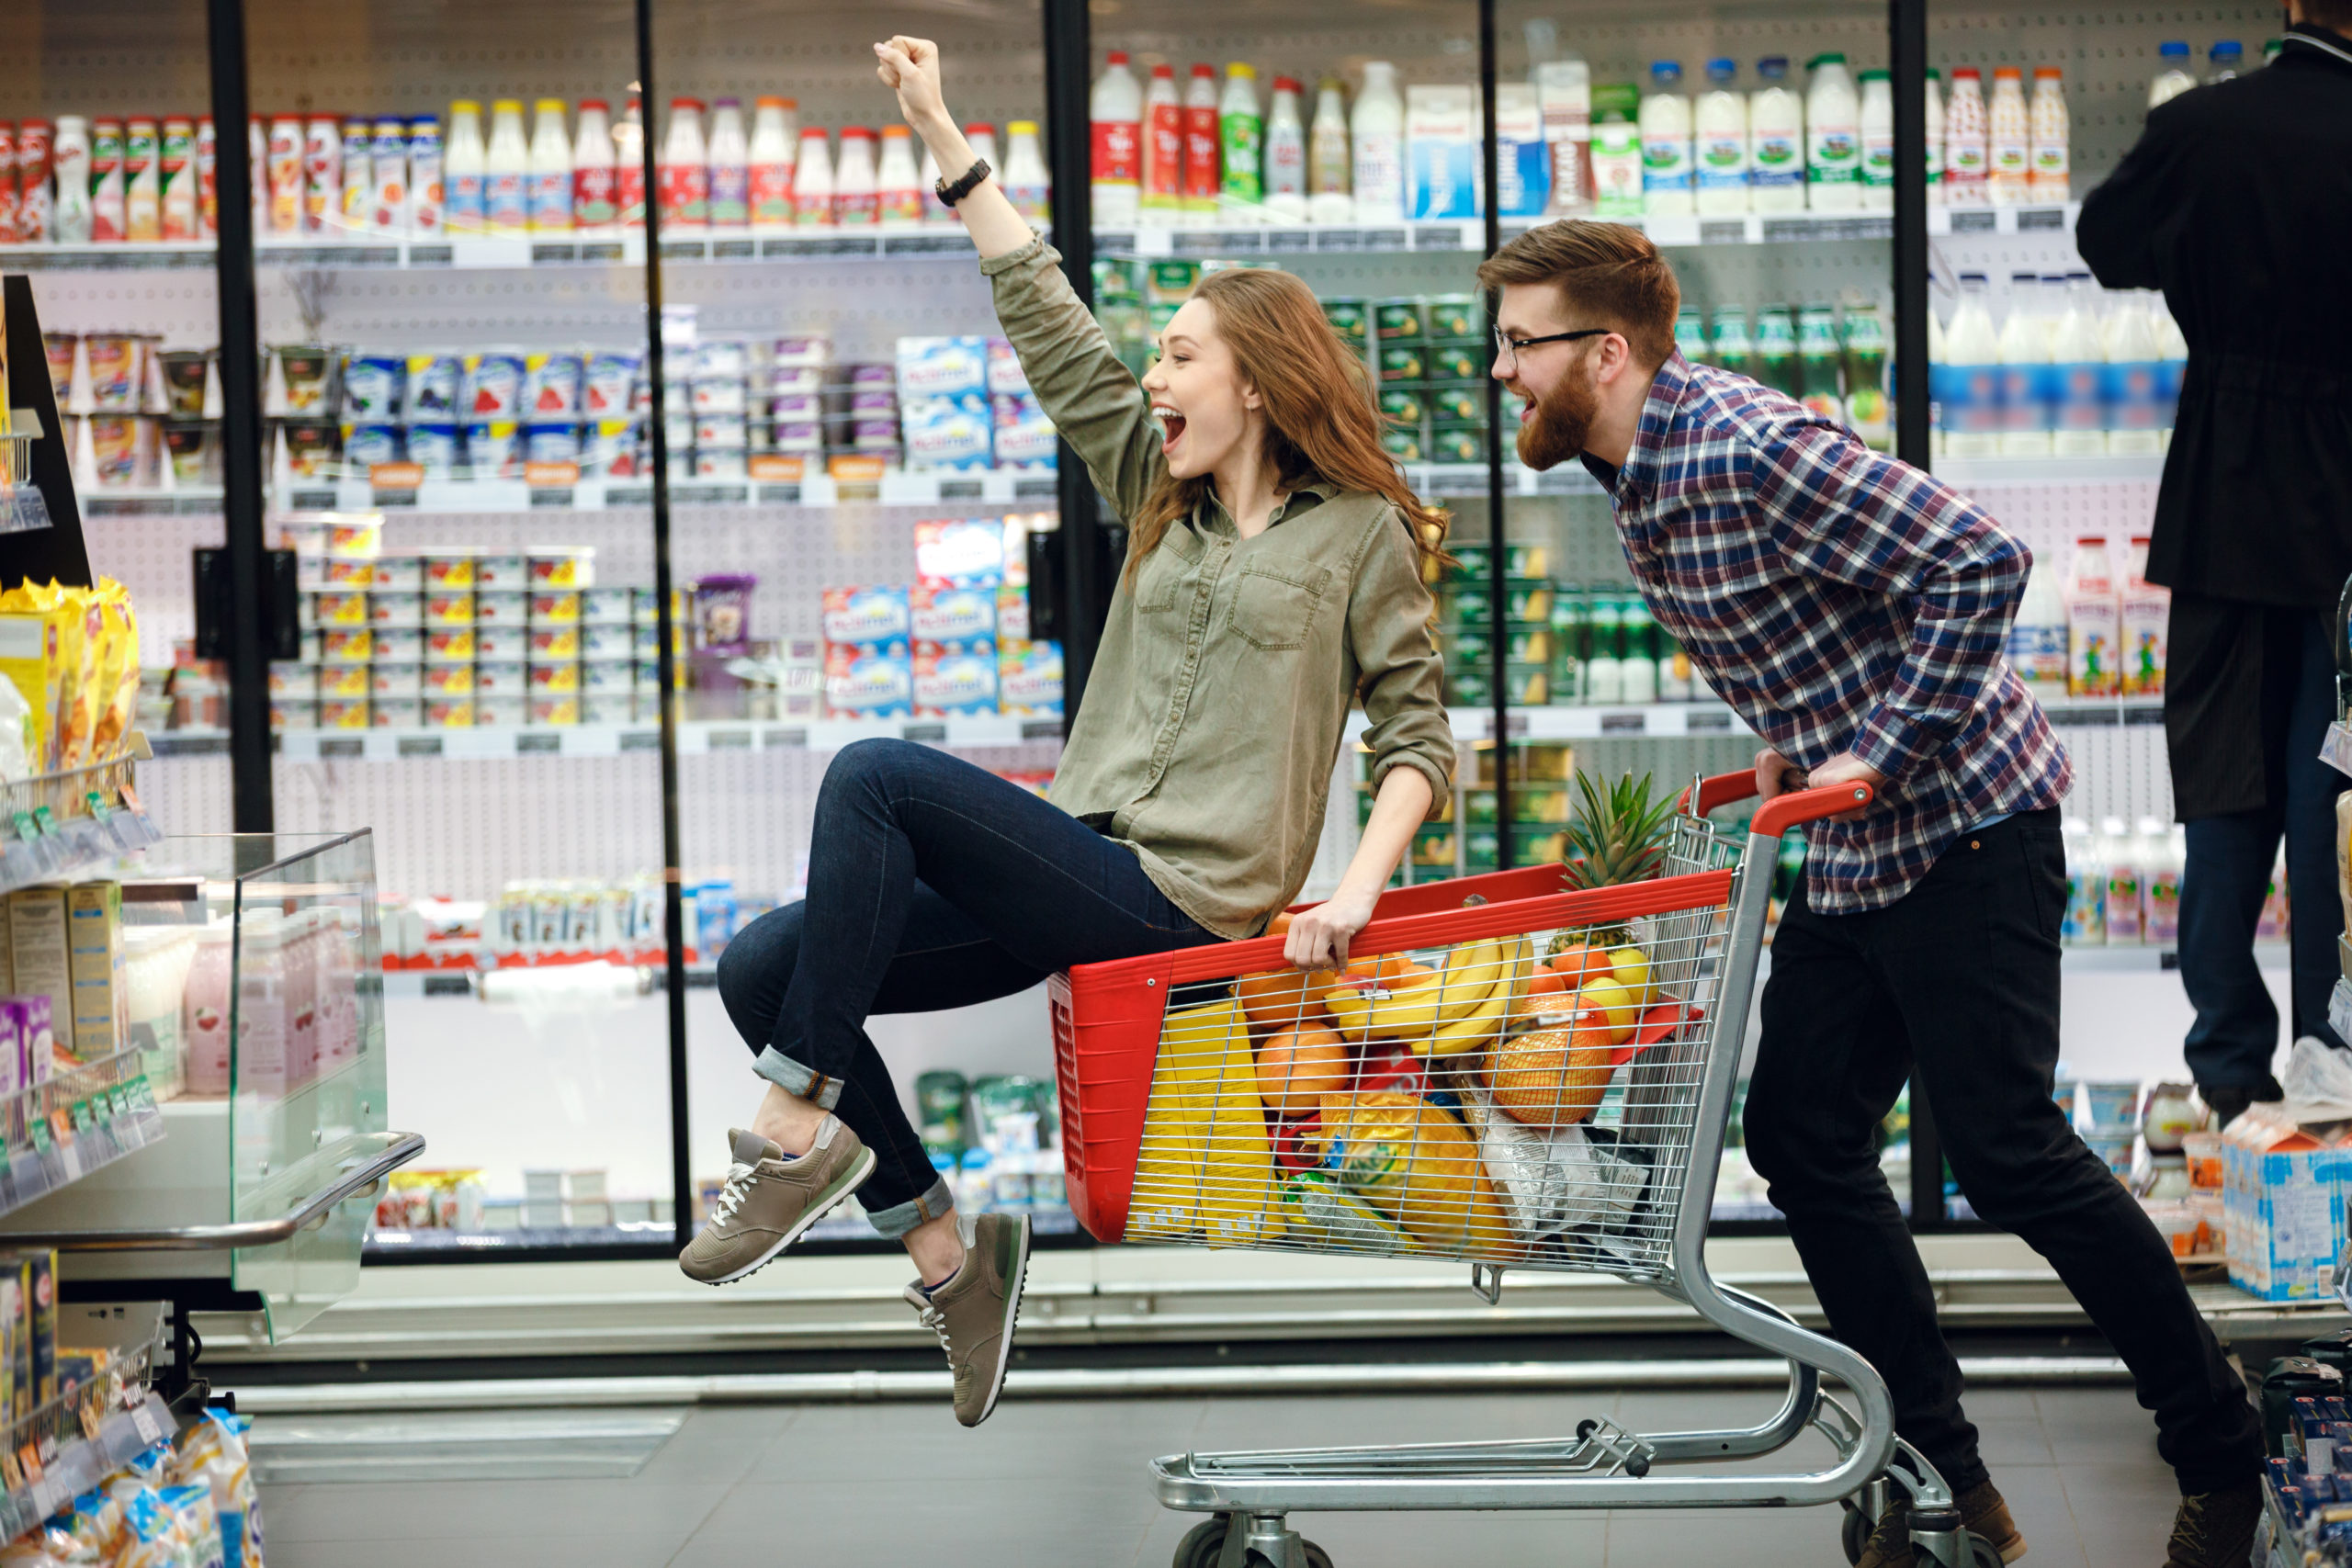 Este supermercado quiere emparejar a solteros